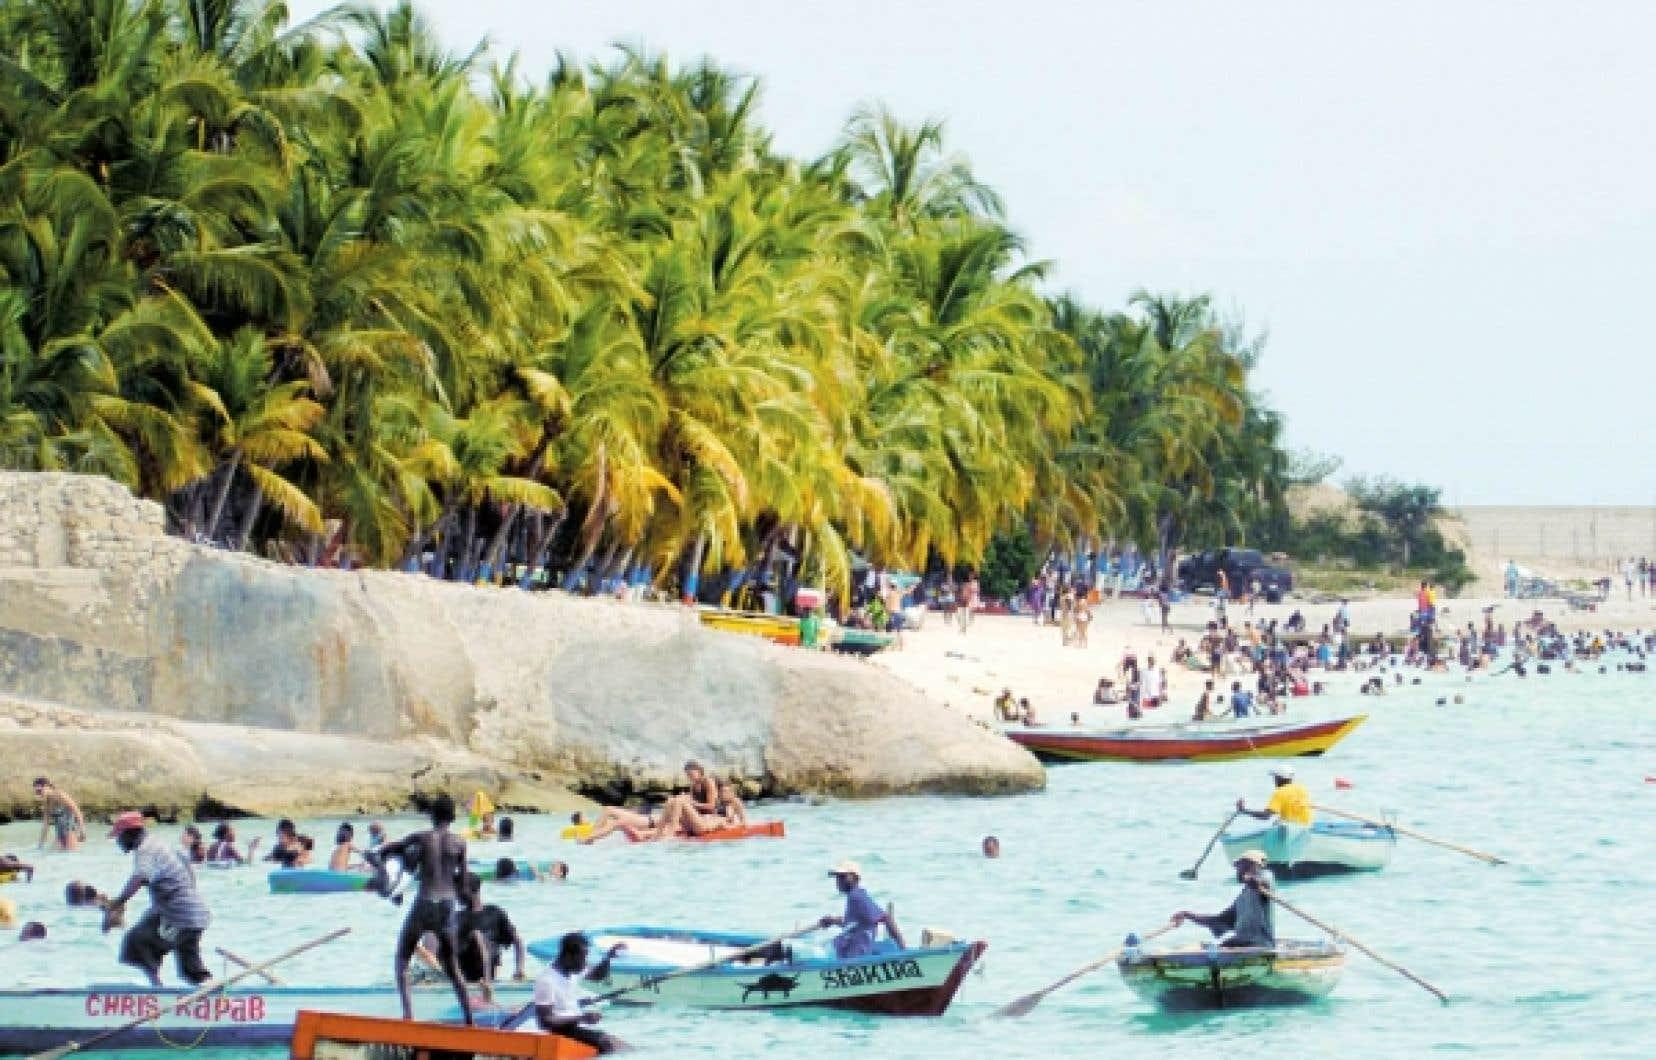 Une plage entre Port-au-Prince et Saint-Marc, une ville à une centaine de kilomètres de la capitale.<br />